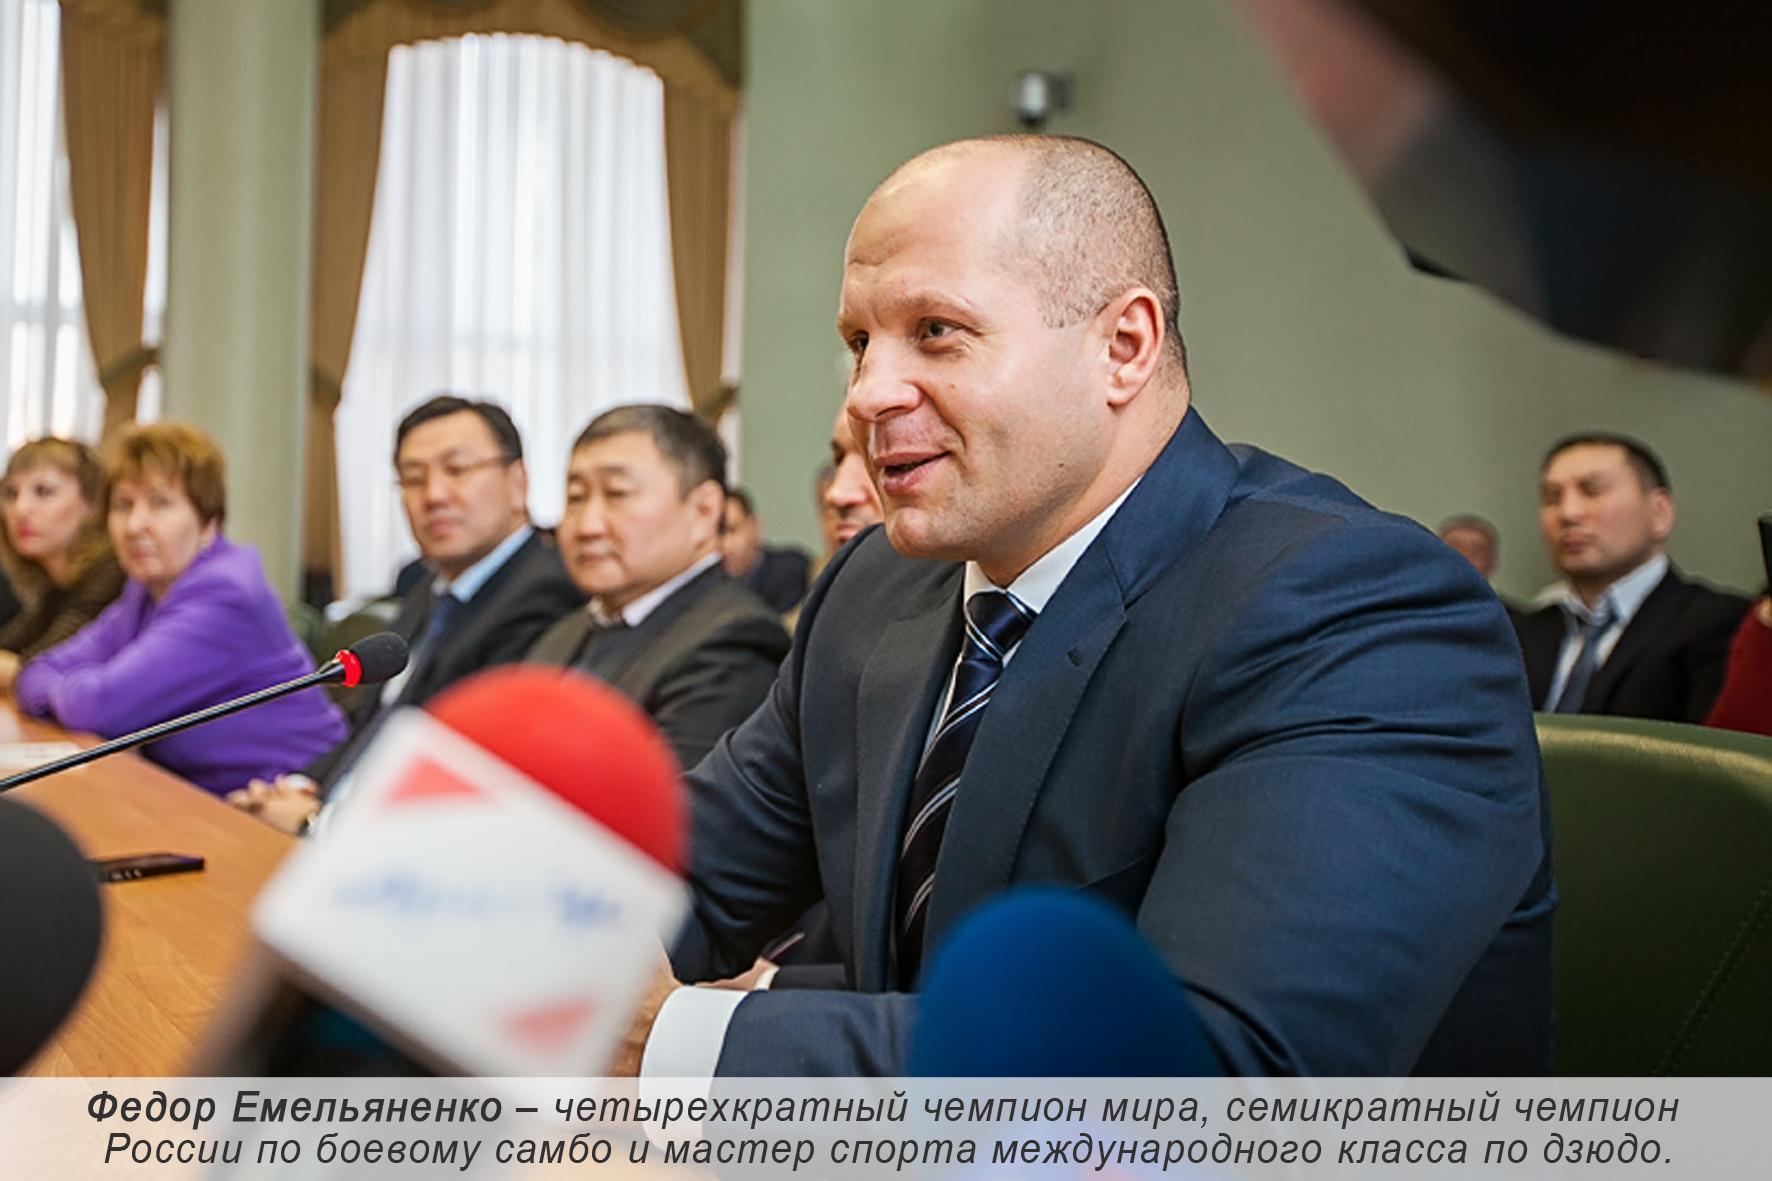 «Этот день в истории: события, факты, люди. Верхнеудинск — Улан-Удэ» — 22 февраля